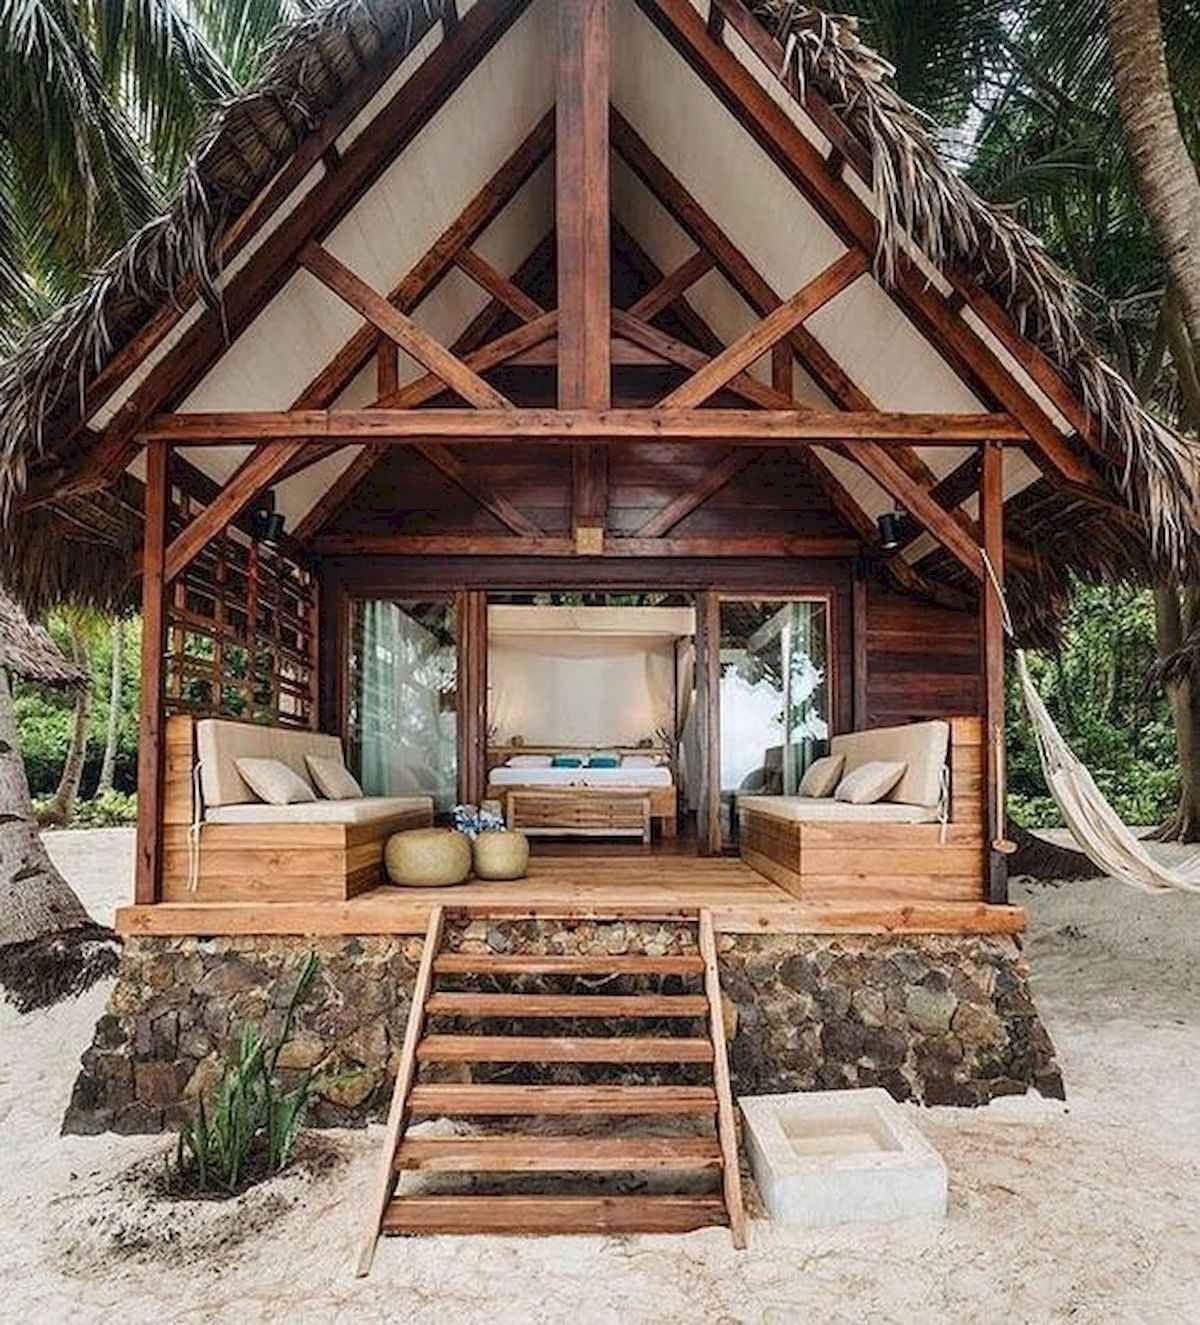 Small Cabin Design Ideas: 70 Fantastic Small Log Cabin Homes Design Ideas (38